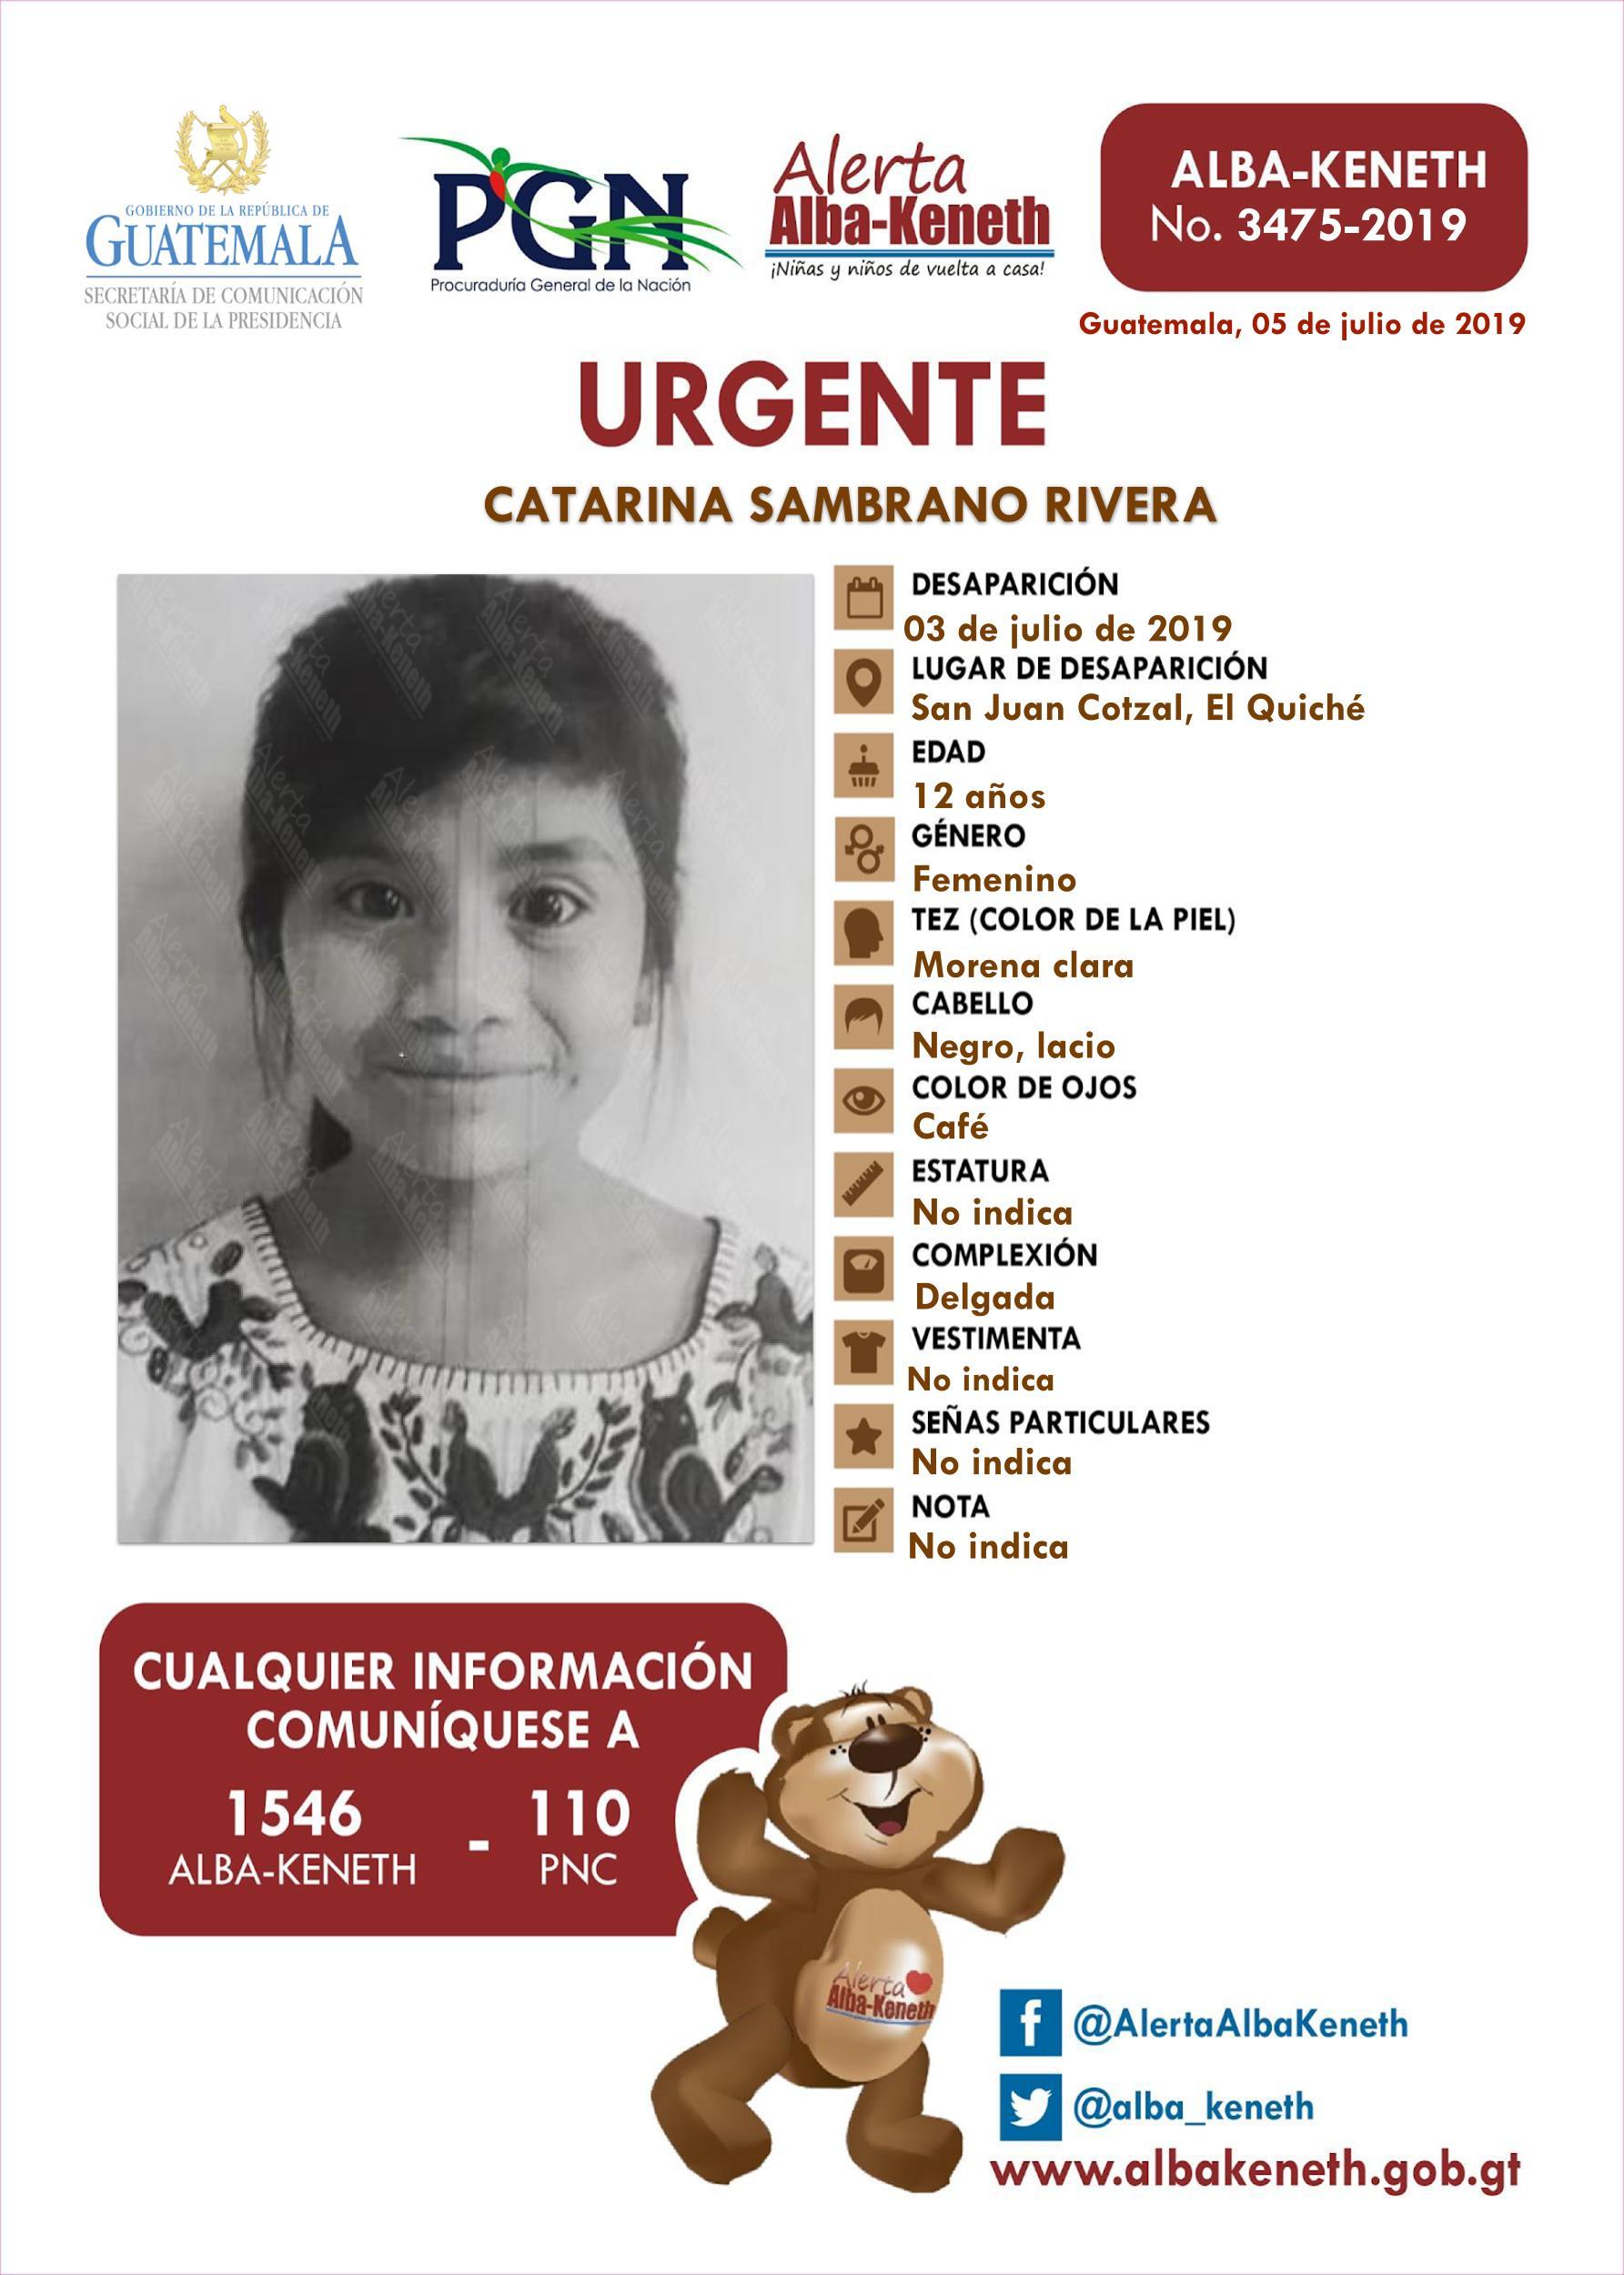 Catarina Sambrano Rivera